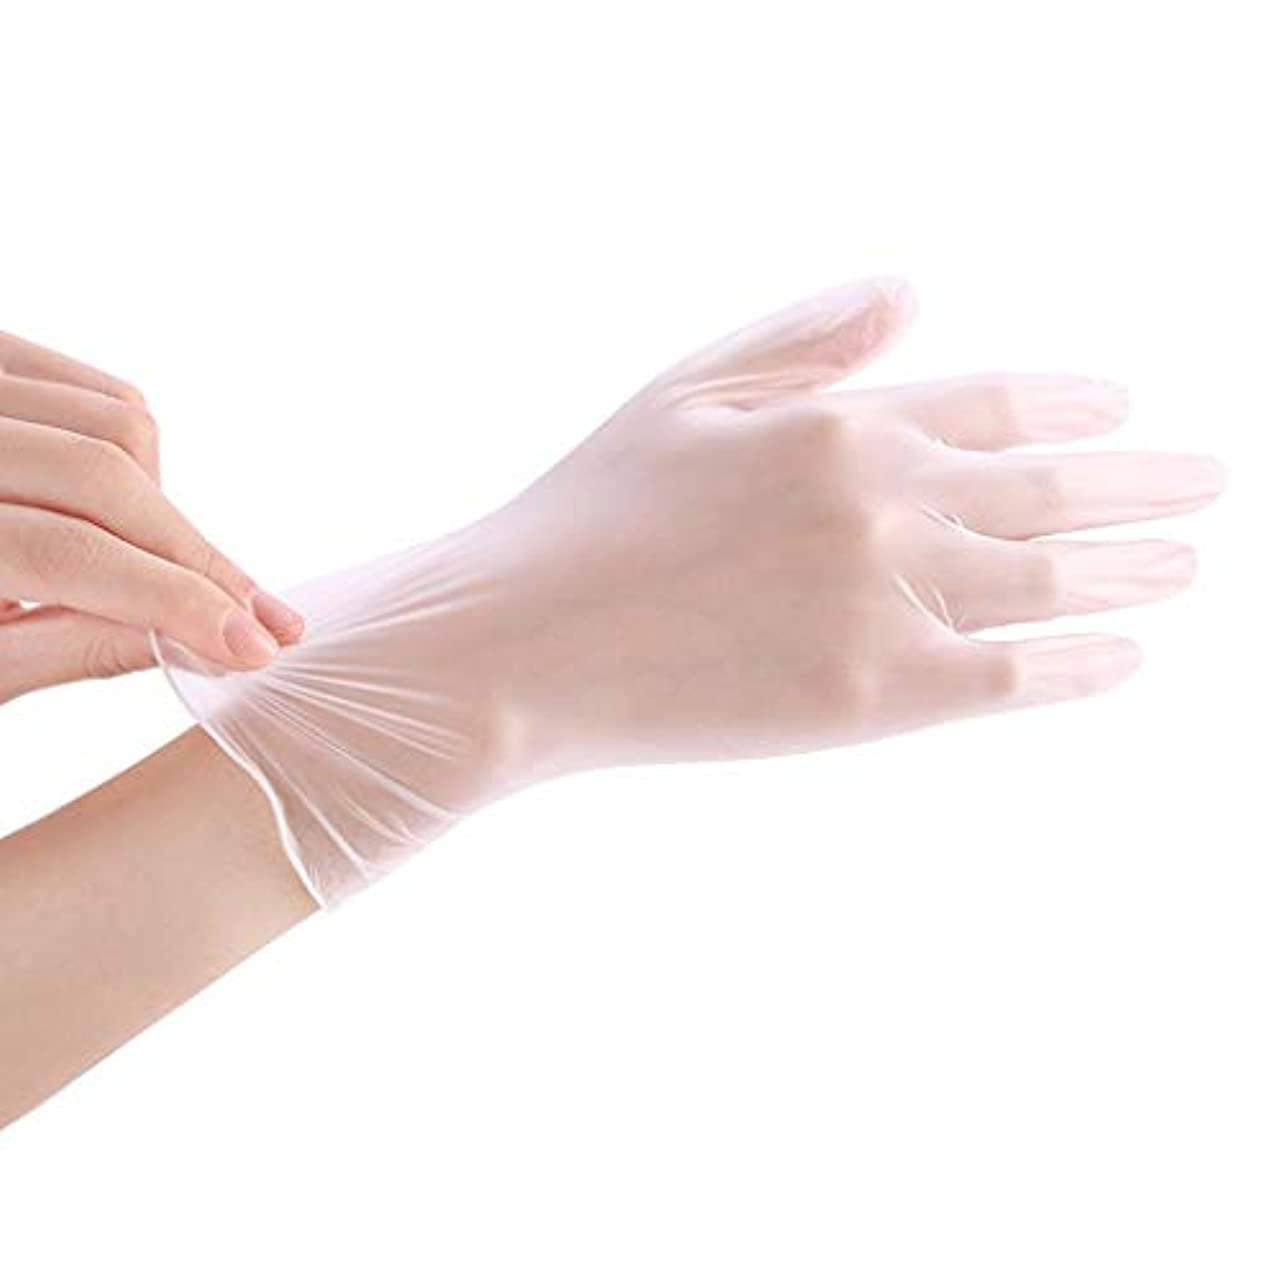 法医学石鹸どうしたの使い捨て透明食品ケータリンググレードPVC手袋美容キッチンベーキングフィルム手袋200 YANW (色 : トランスペアレント, サイズ さいず : L l)